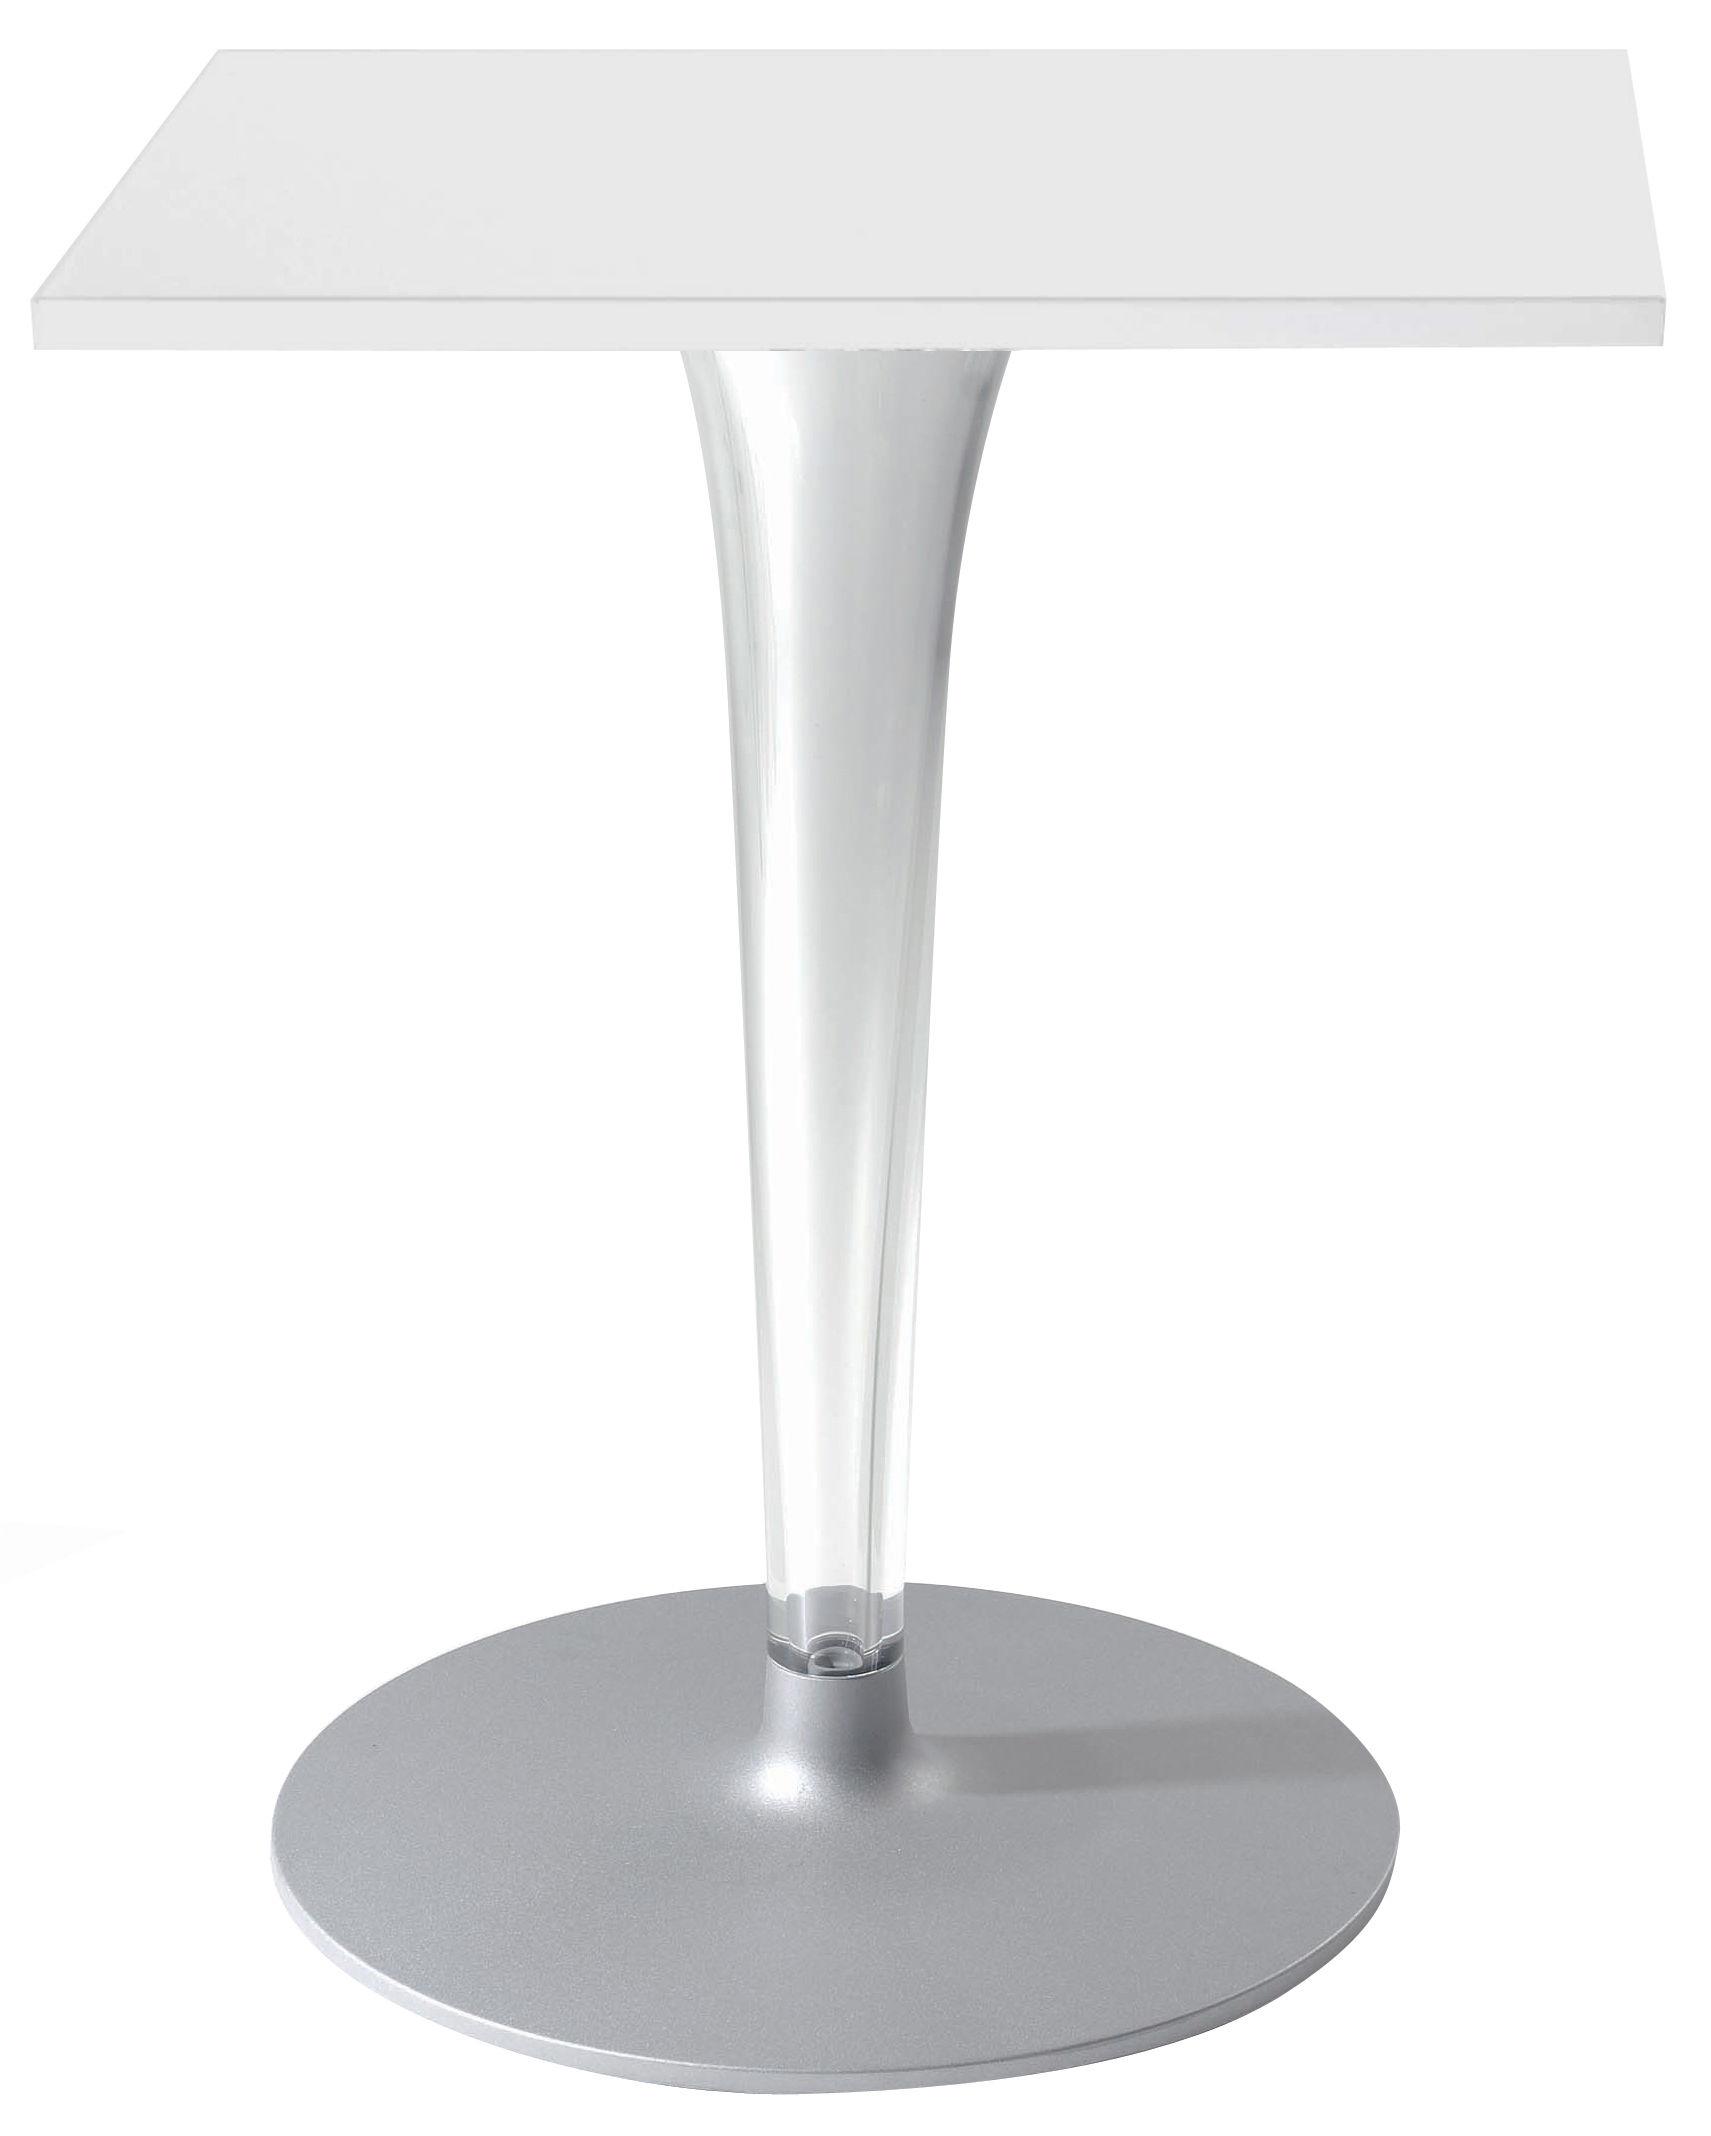 Outdoor - Tische - Top Top - Contract outdoor quadratischer Tisch mit eckiger Tischplatte - Kartell - Weiß / Fuß rund - klarlackbeschichtetes Aluminium, Melamin, PMMA